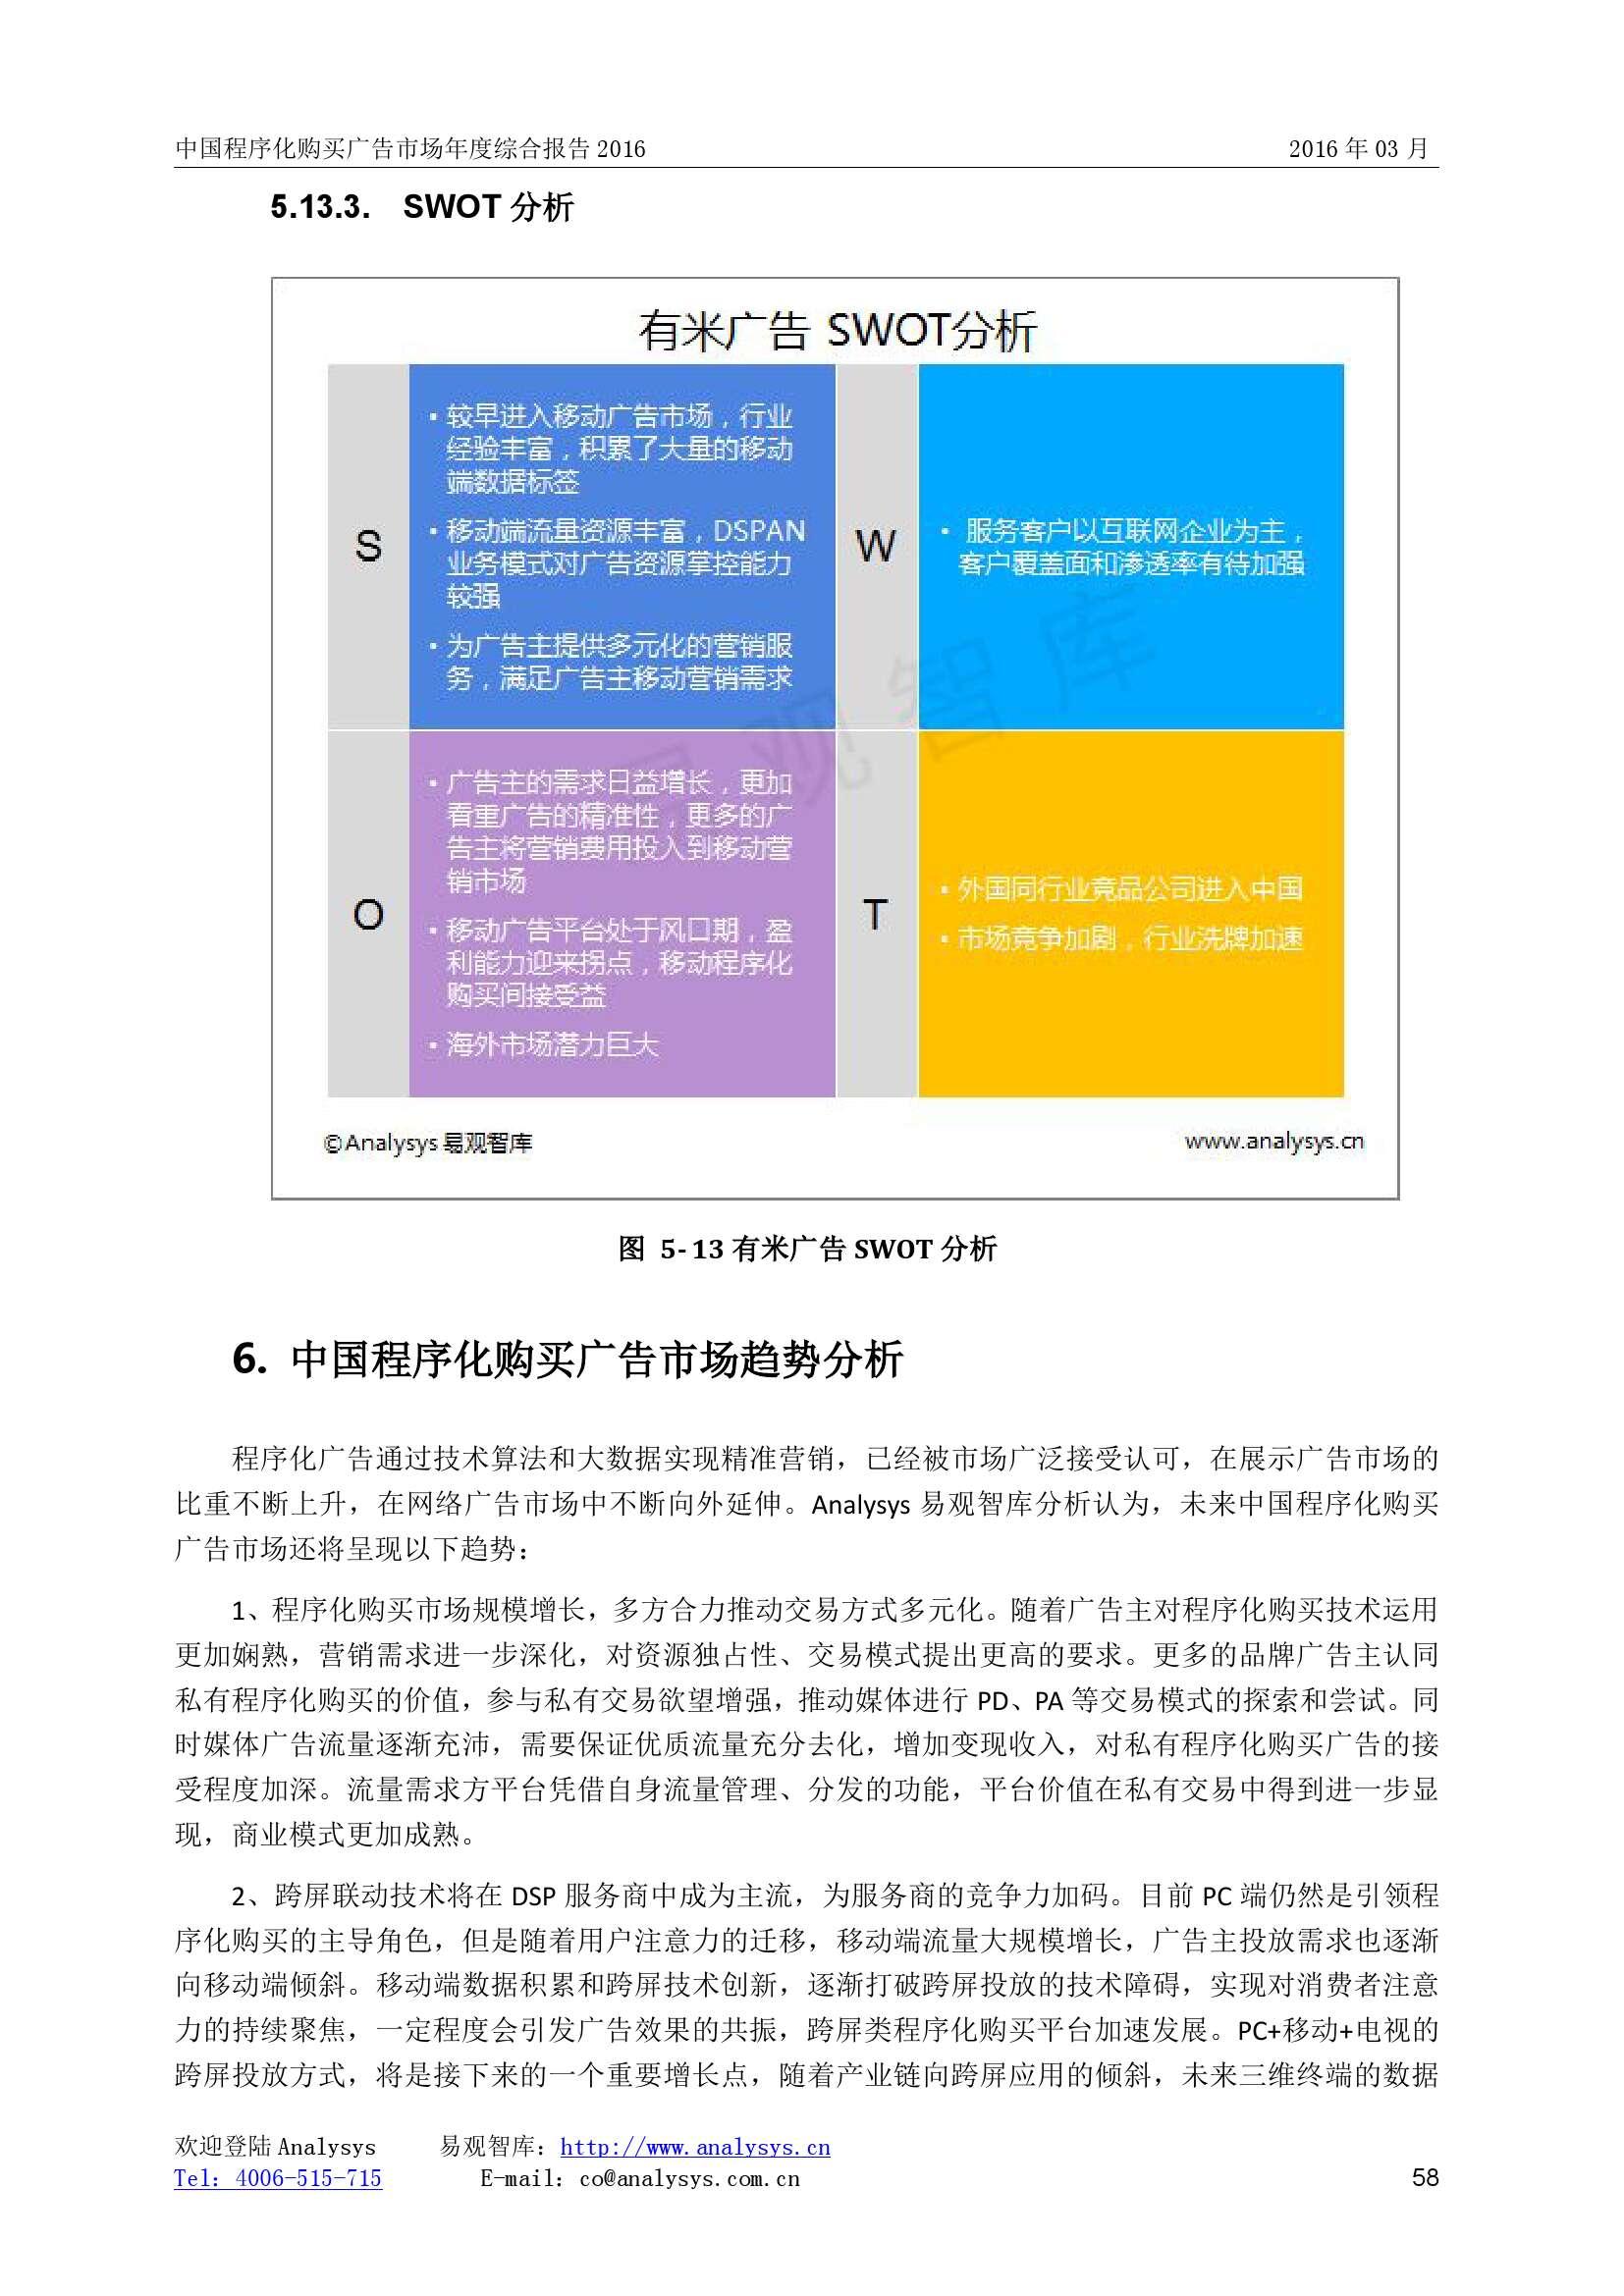 中国程序化购买广告市场年度综合报告2016_000058